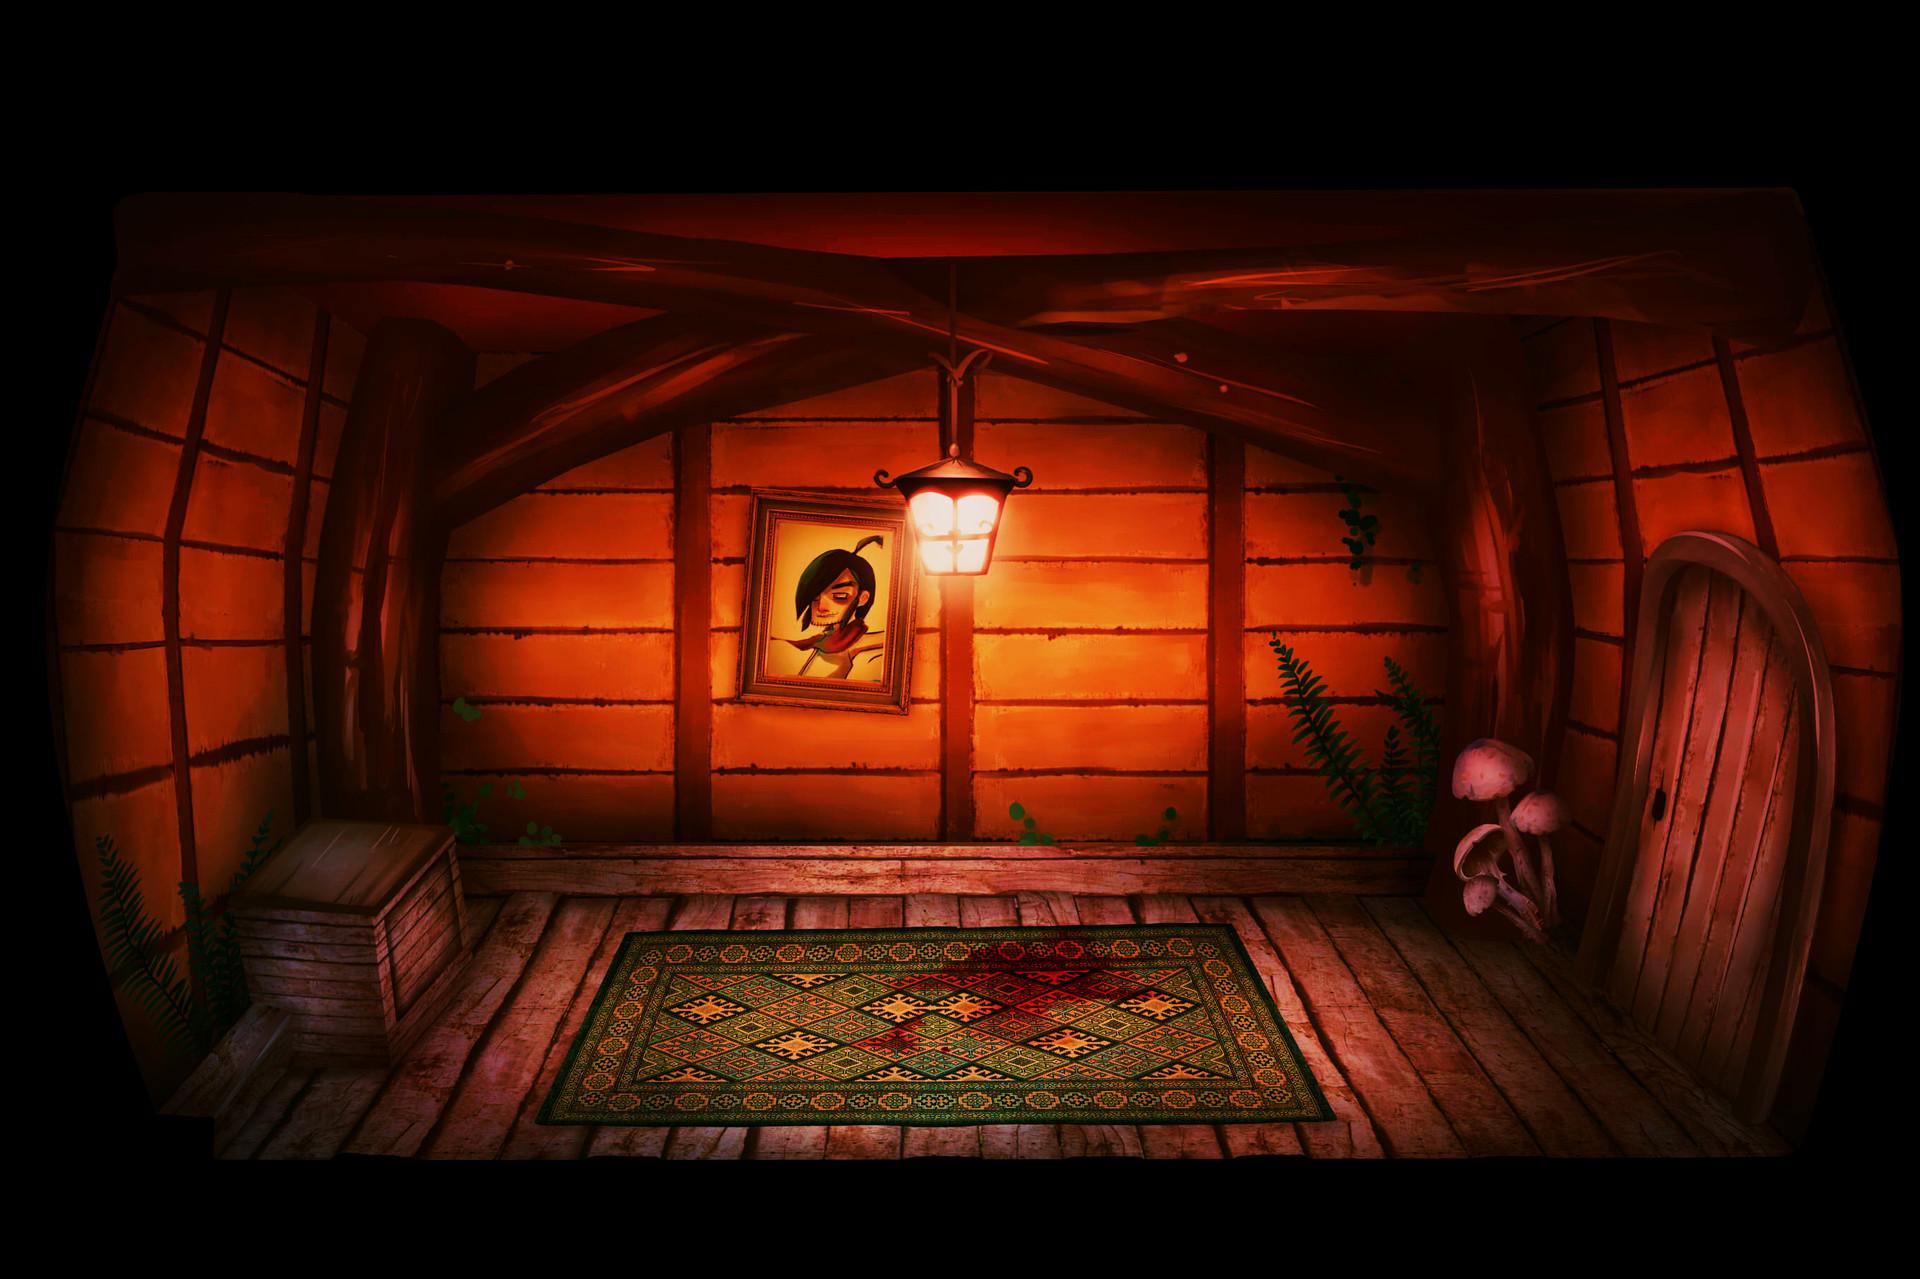 Leonardo de moura casa interior